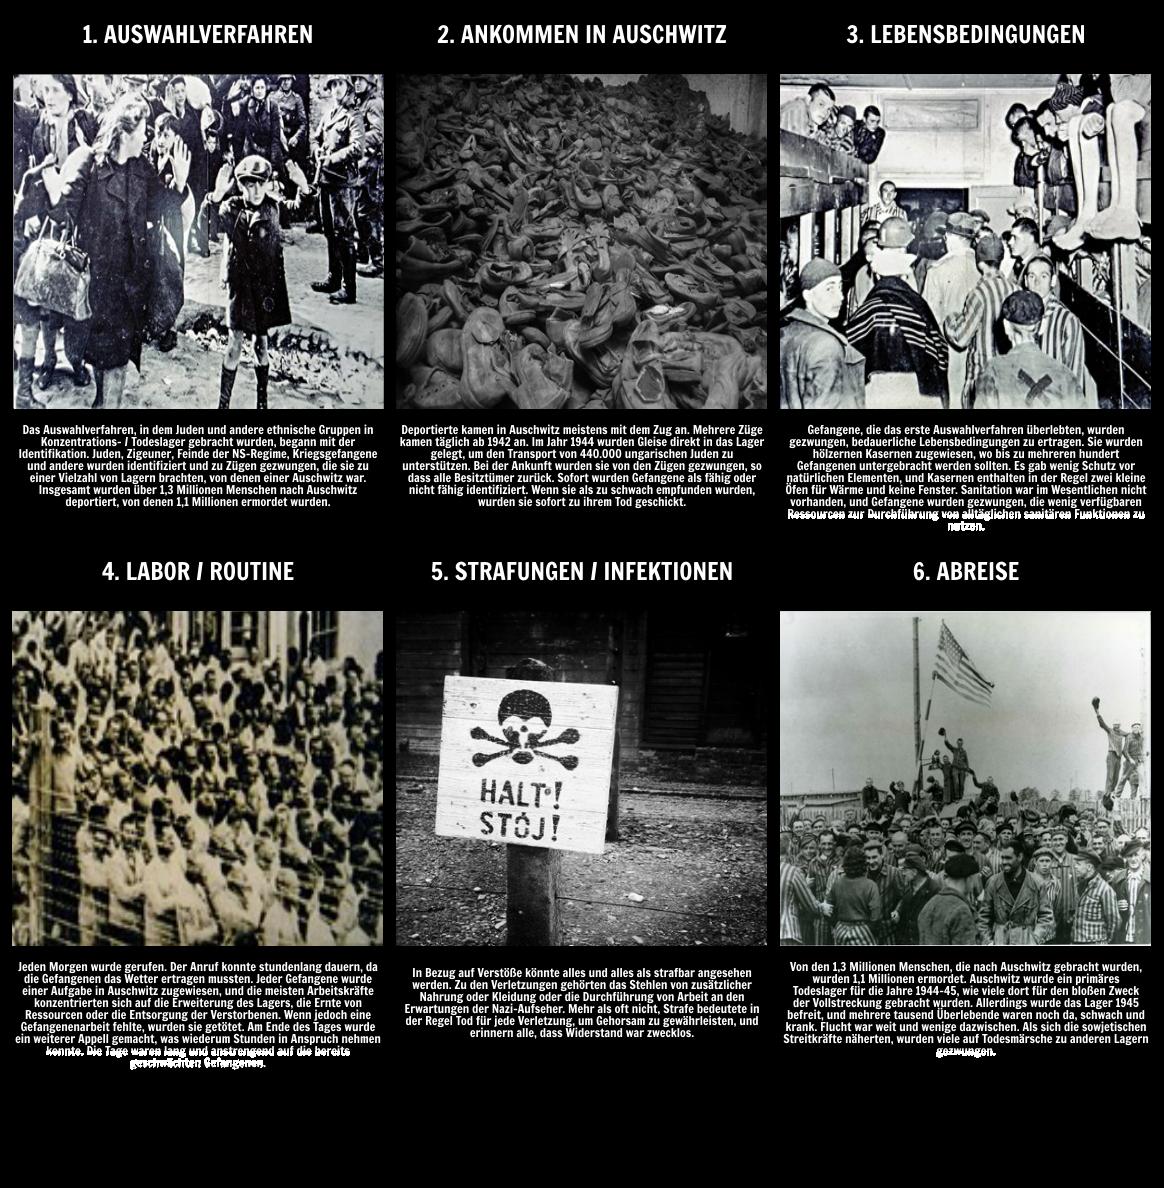 Die Geschichte des Holocaust - Leben in Auschwitz